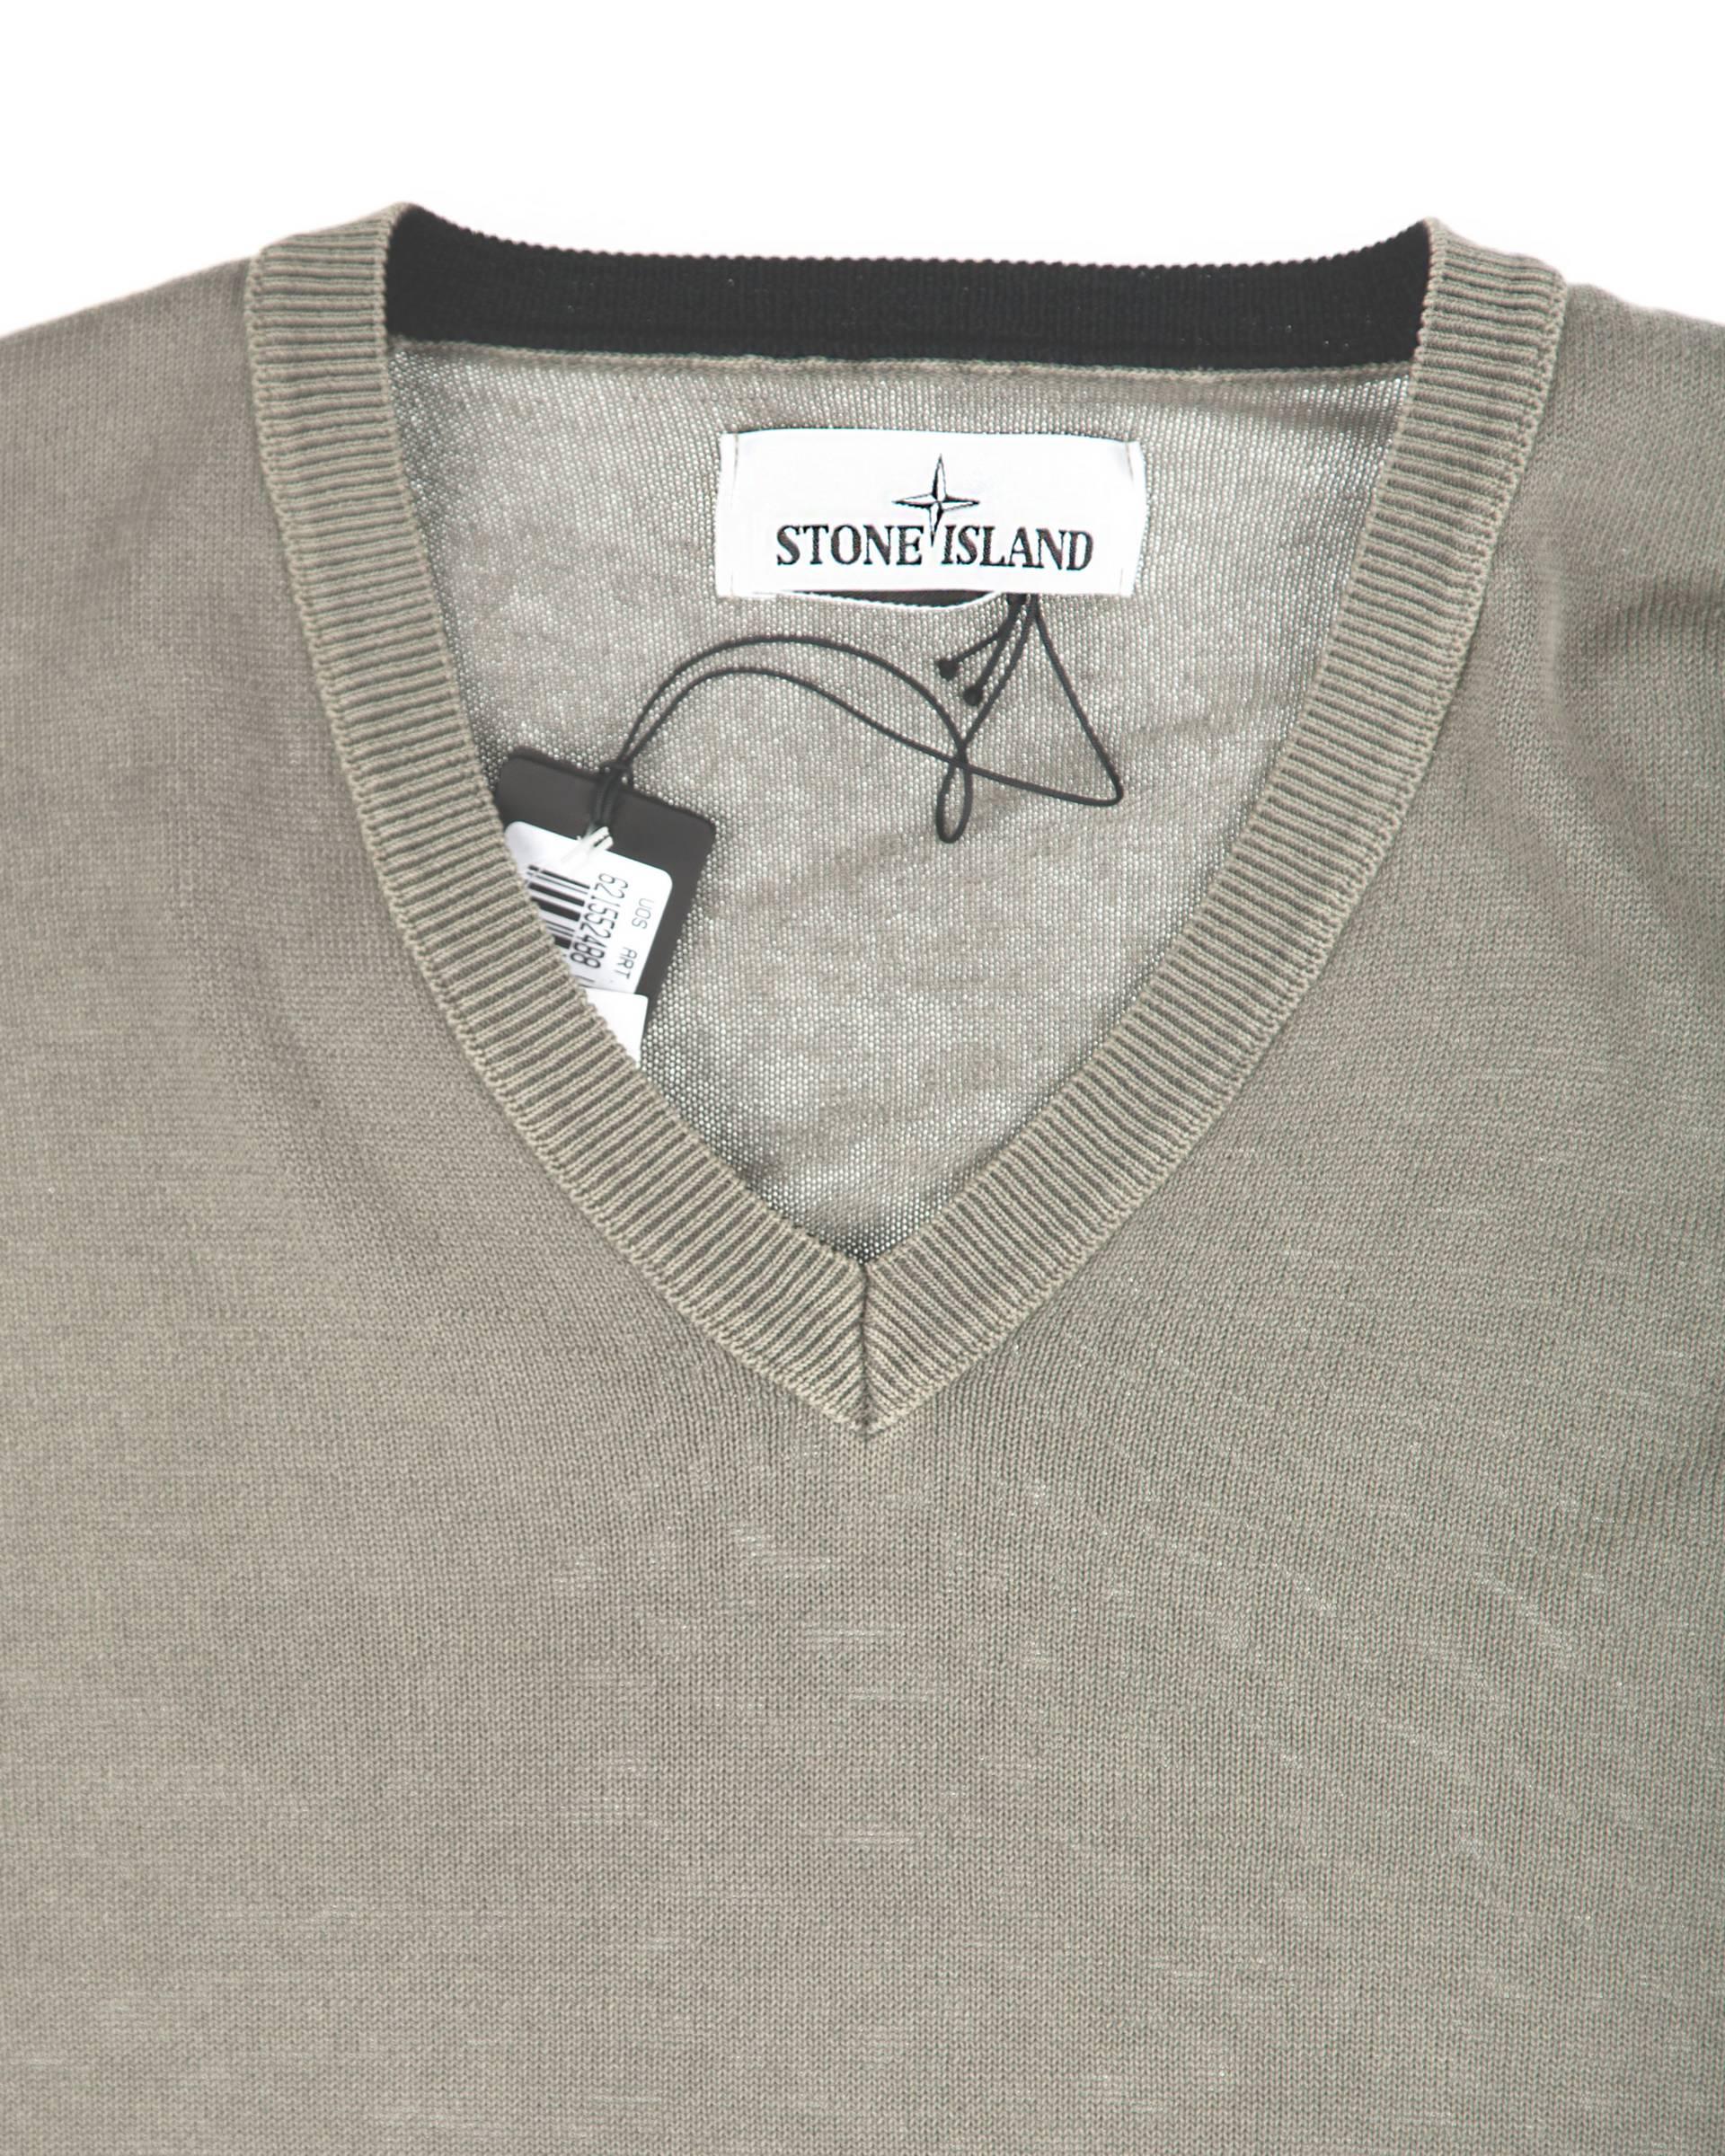 Свитер Stone Island Хаки V-neck